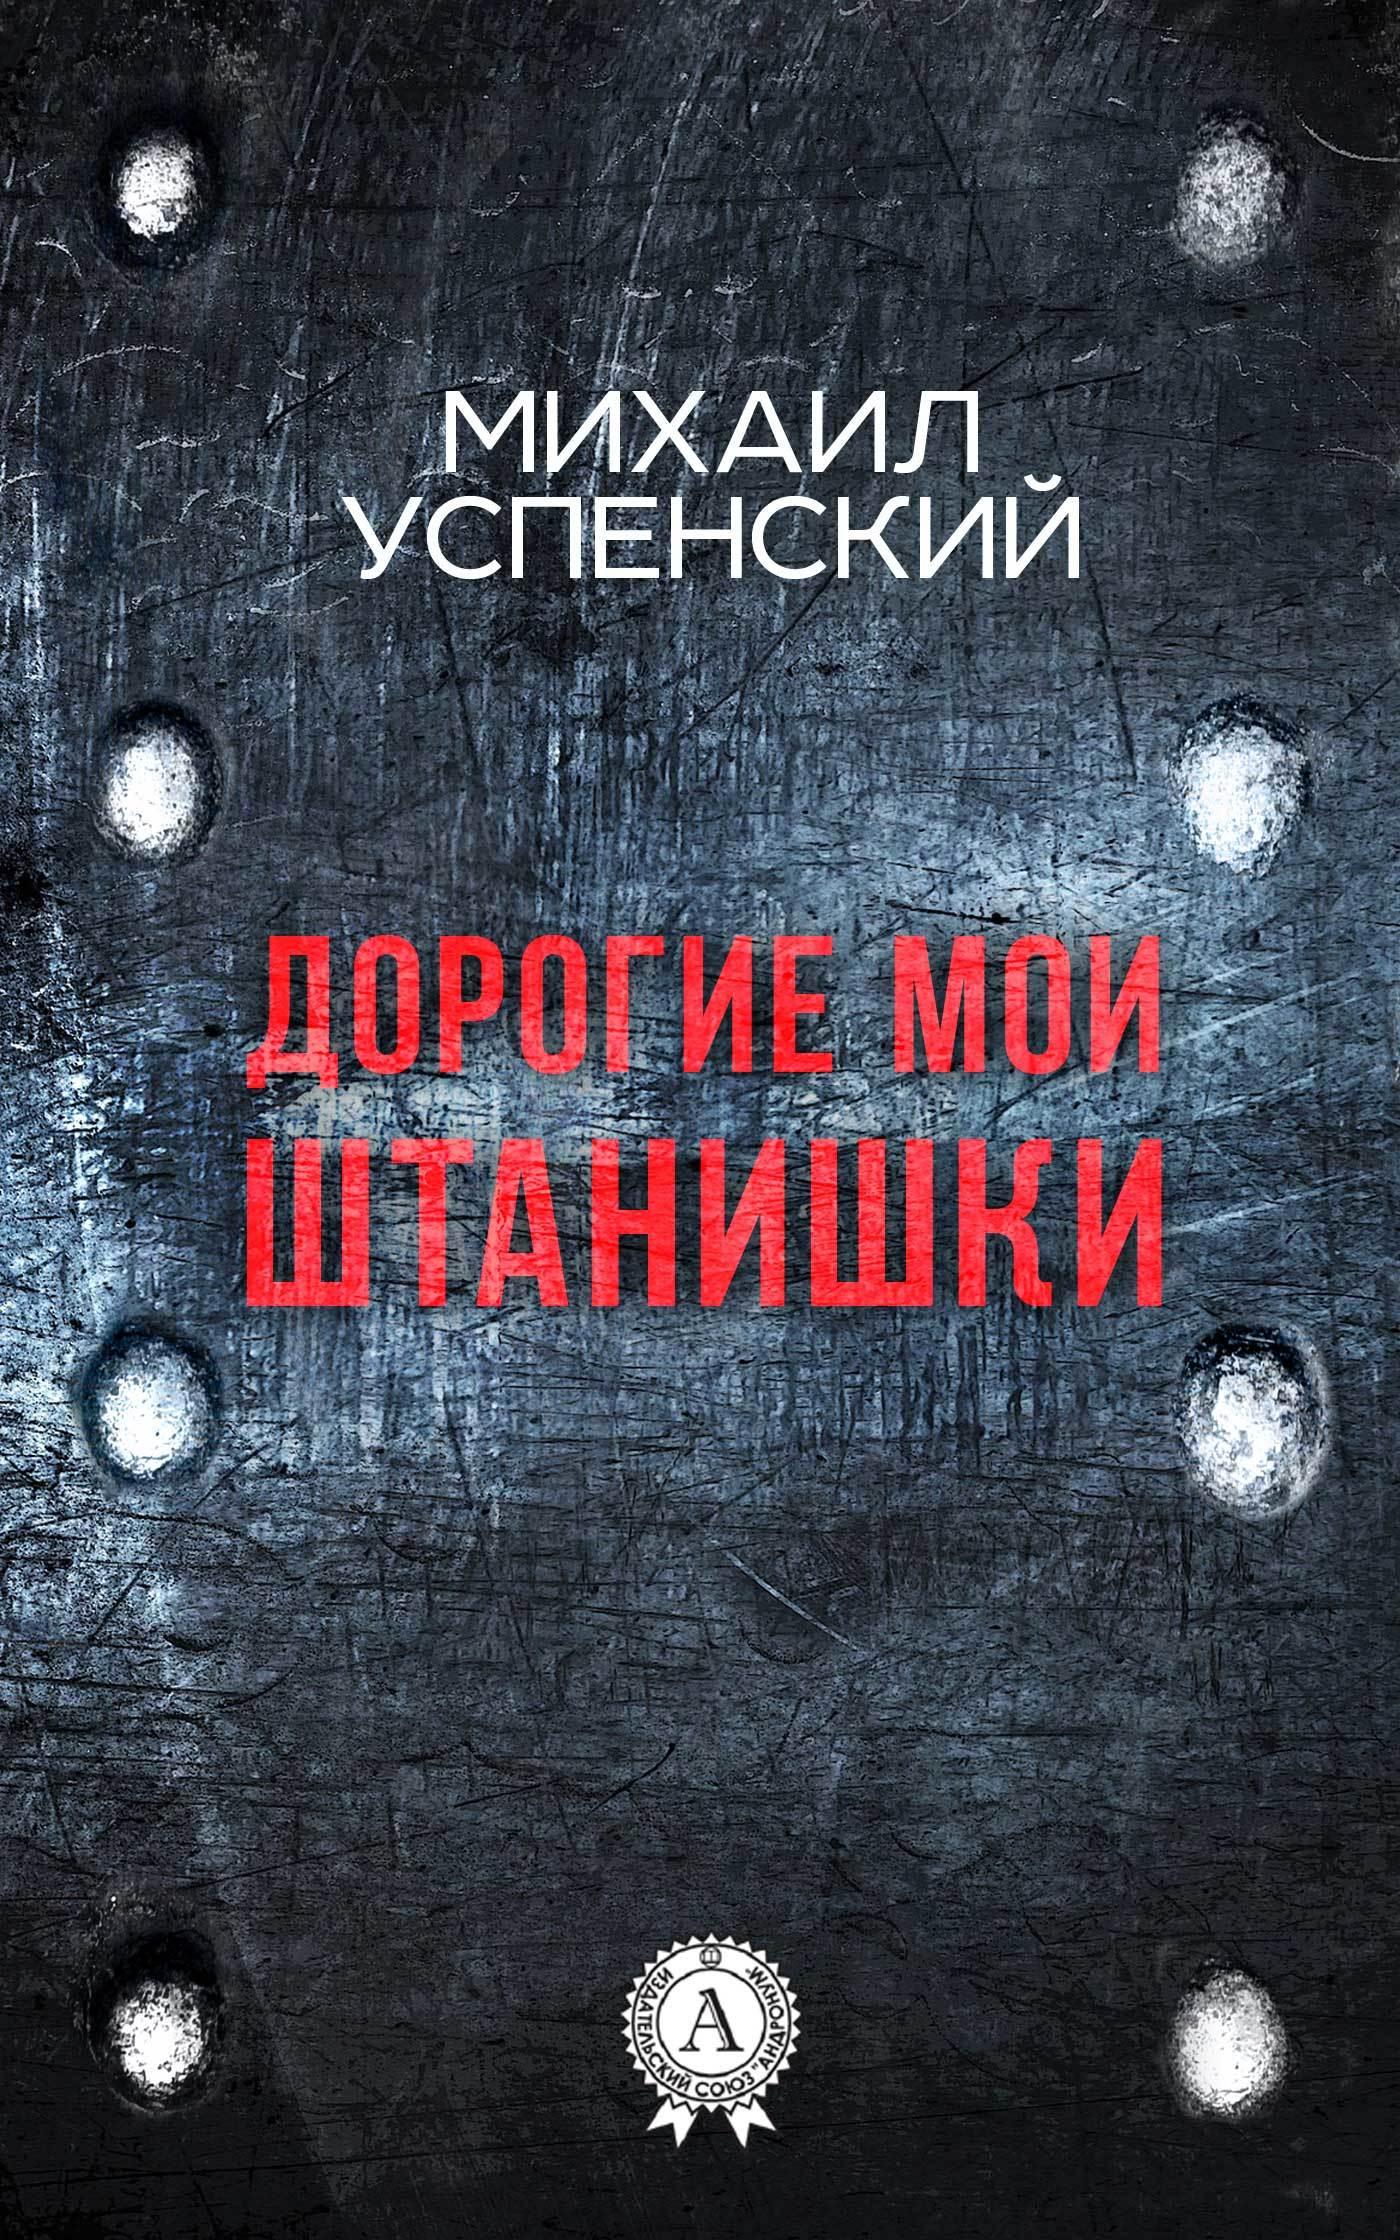 Михаил Успенский - Дорогие мои штанишки